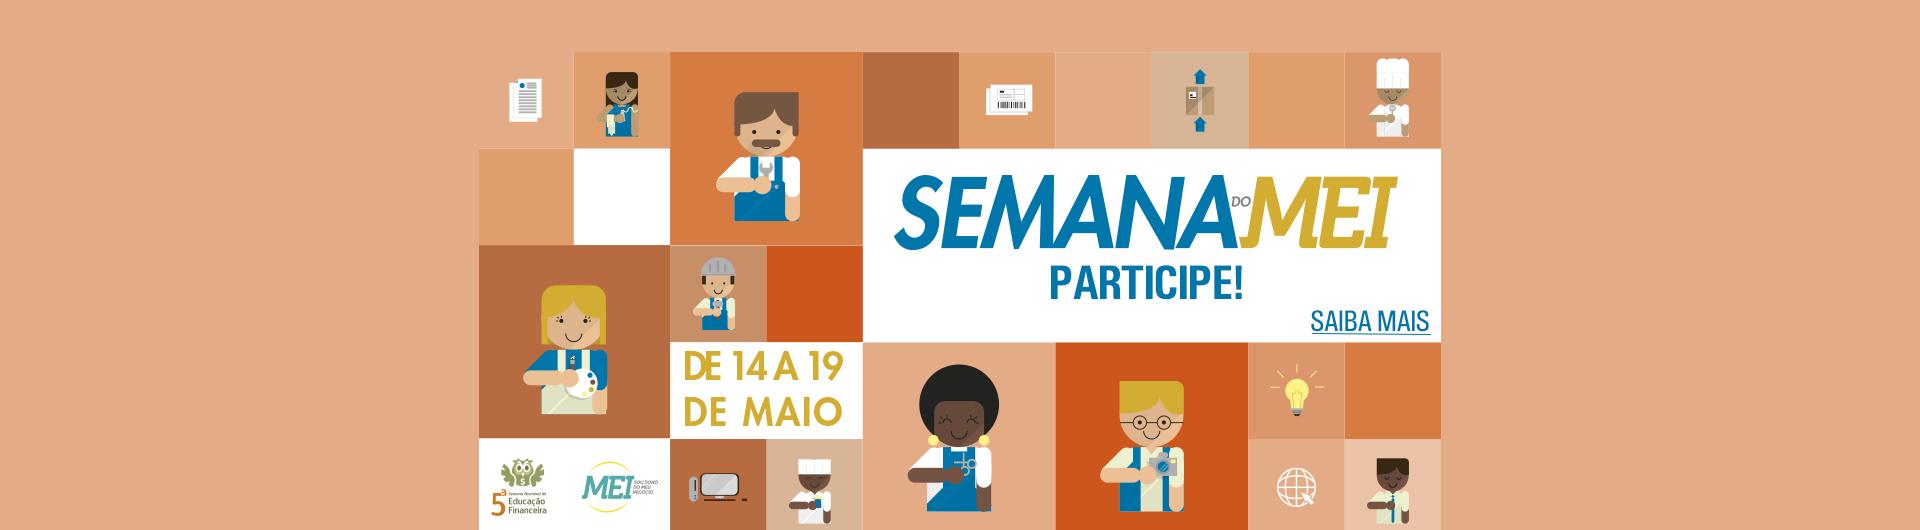 Semana do Microempreendedor Individual oferece capacitação e educação financeira